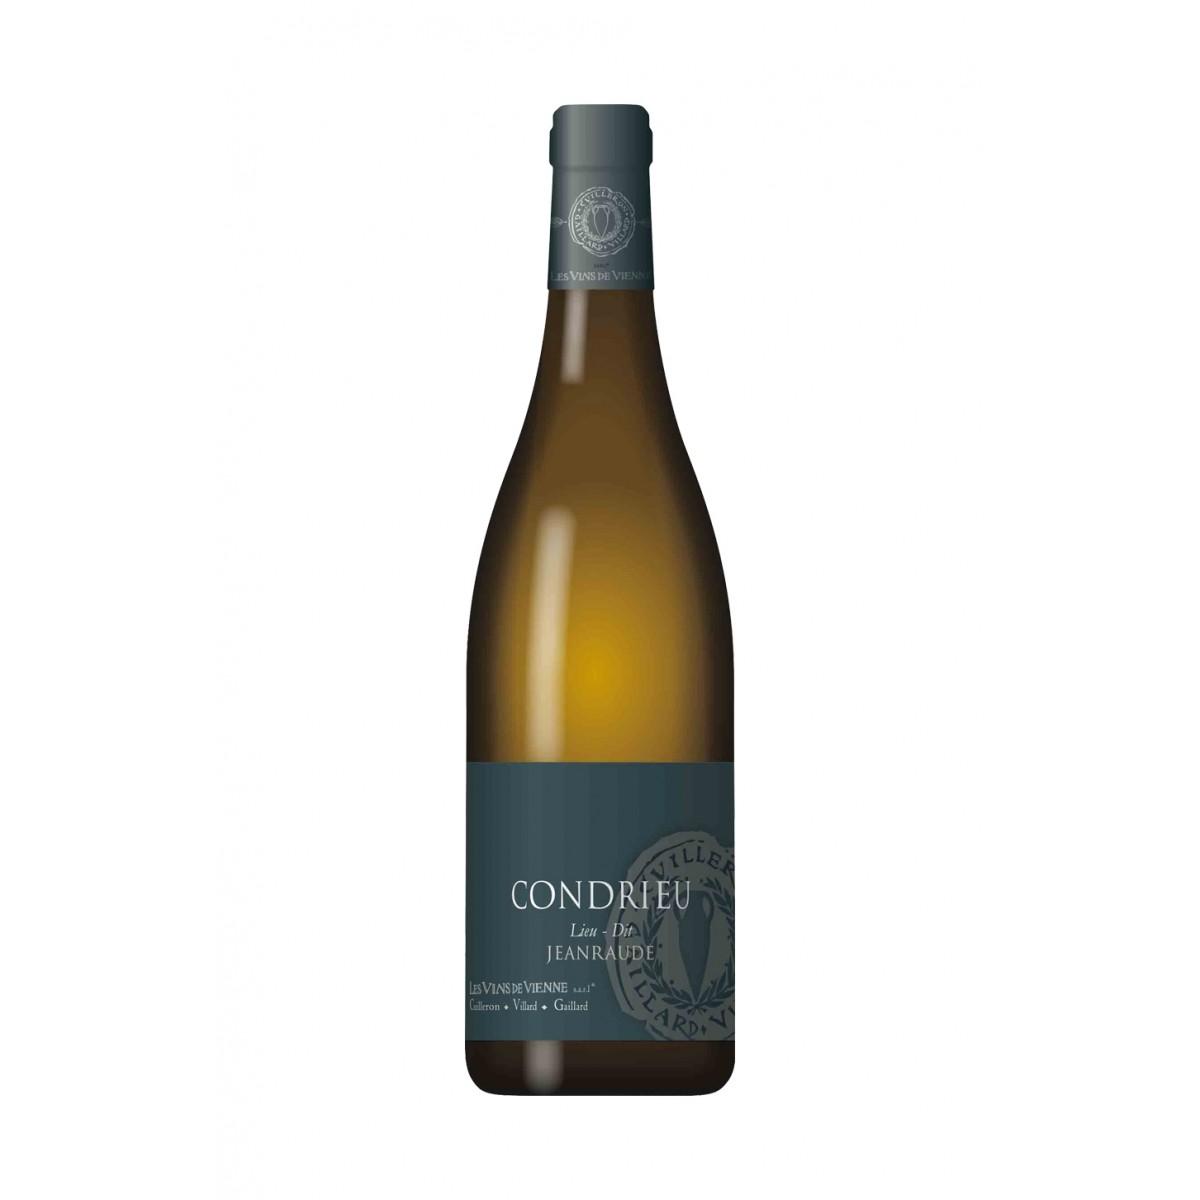 Condrieu Jeanraude 2015 - Les Vins de Vienne